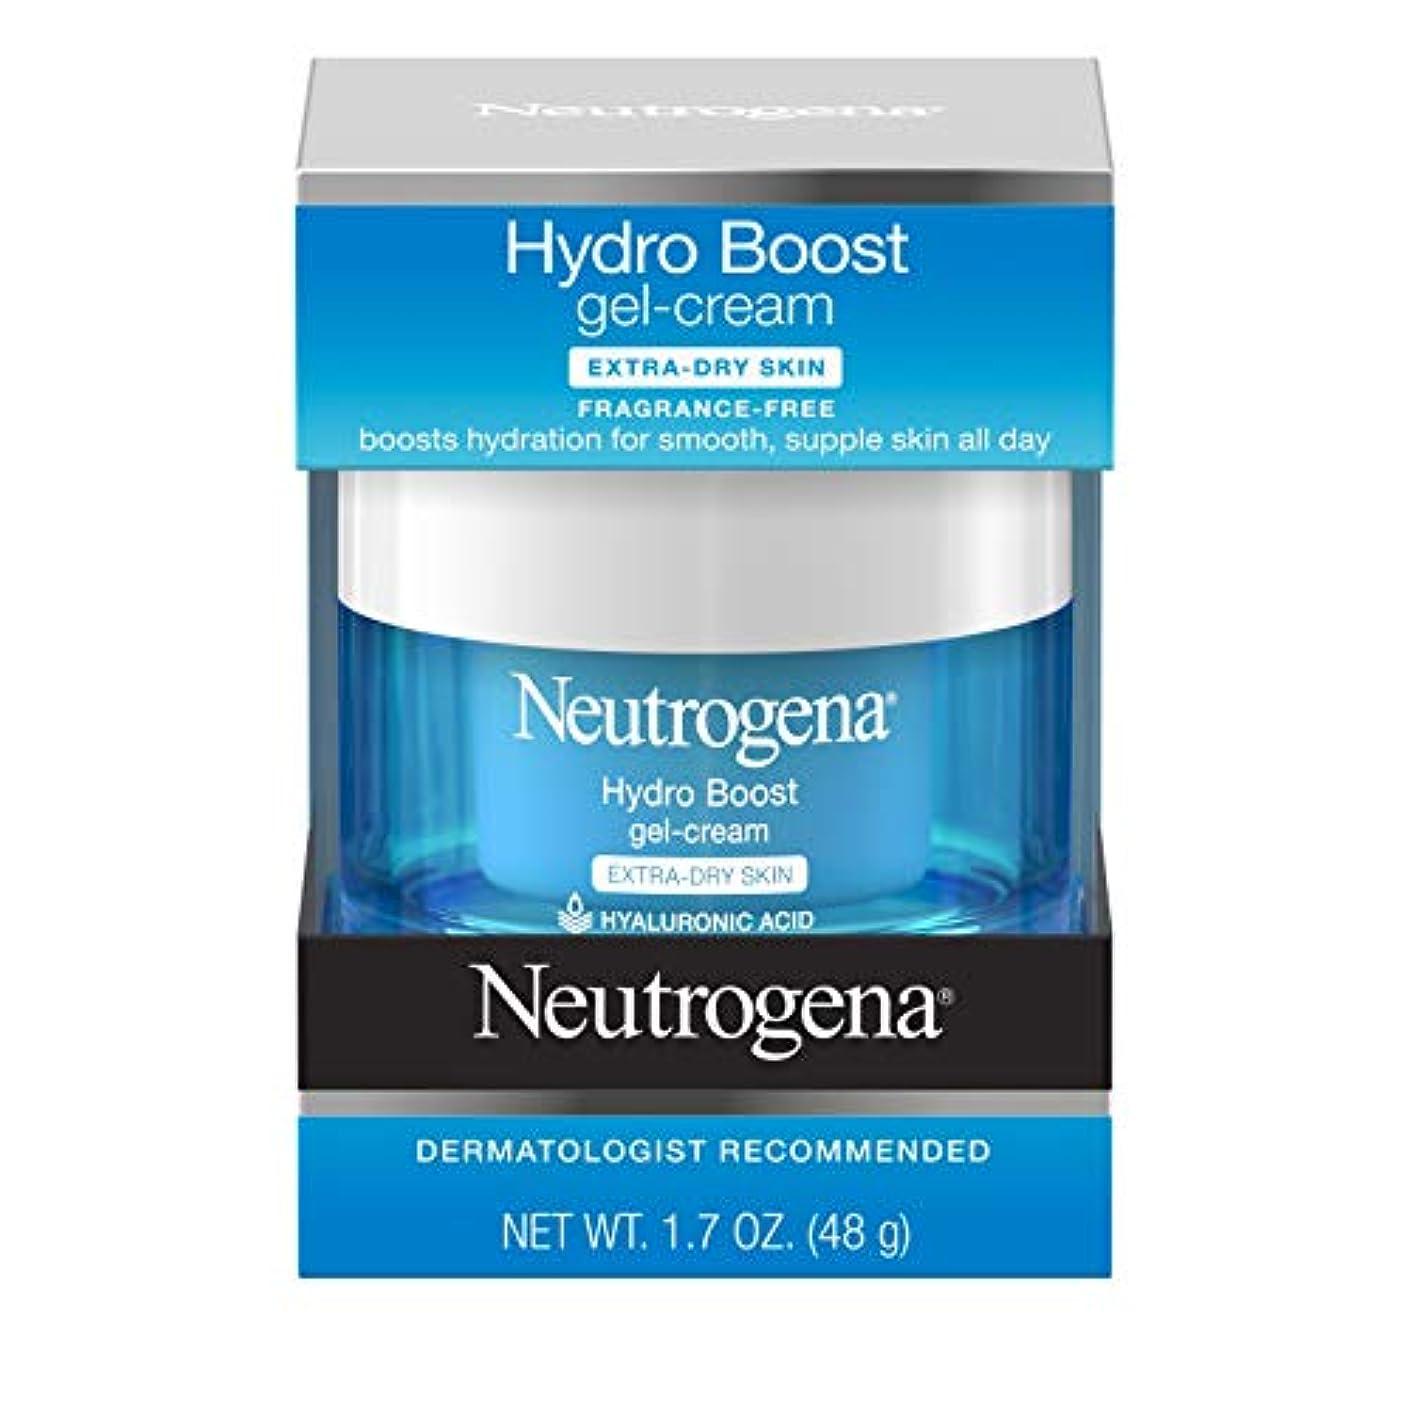 始める取り囲む流暢Neutrogena Hydro Boost Gel Cream, Extra Dry Skin, 1.7 Ounce  海外直送品?並行輸入品